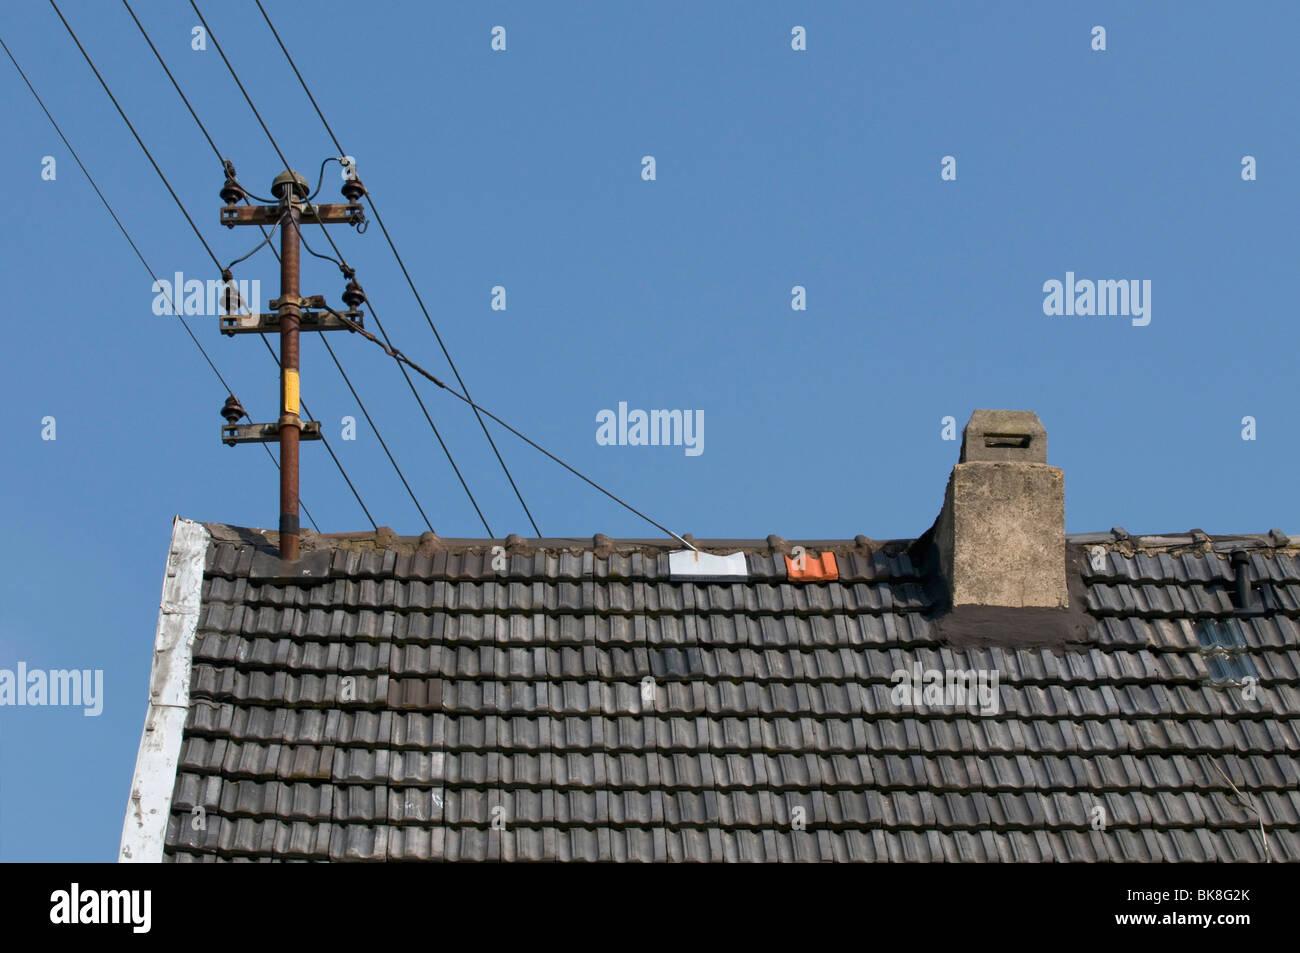 Antiguas líneas eléctricas con aislantes cerámicos en el techo Imagen De Stock